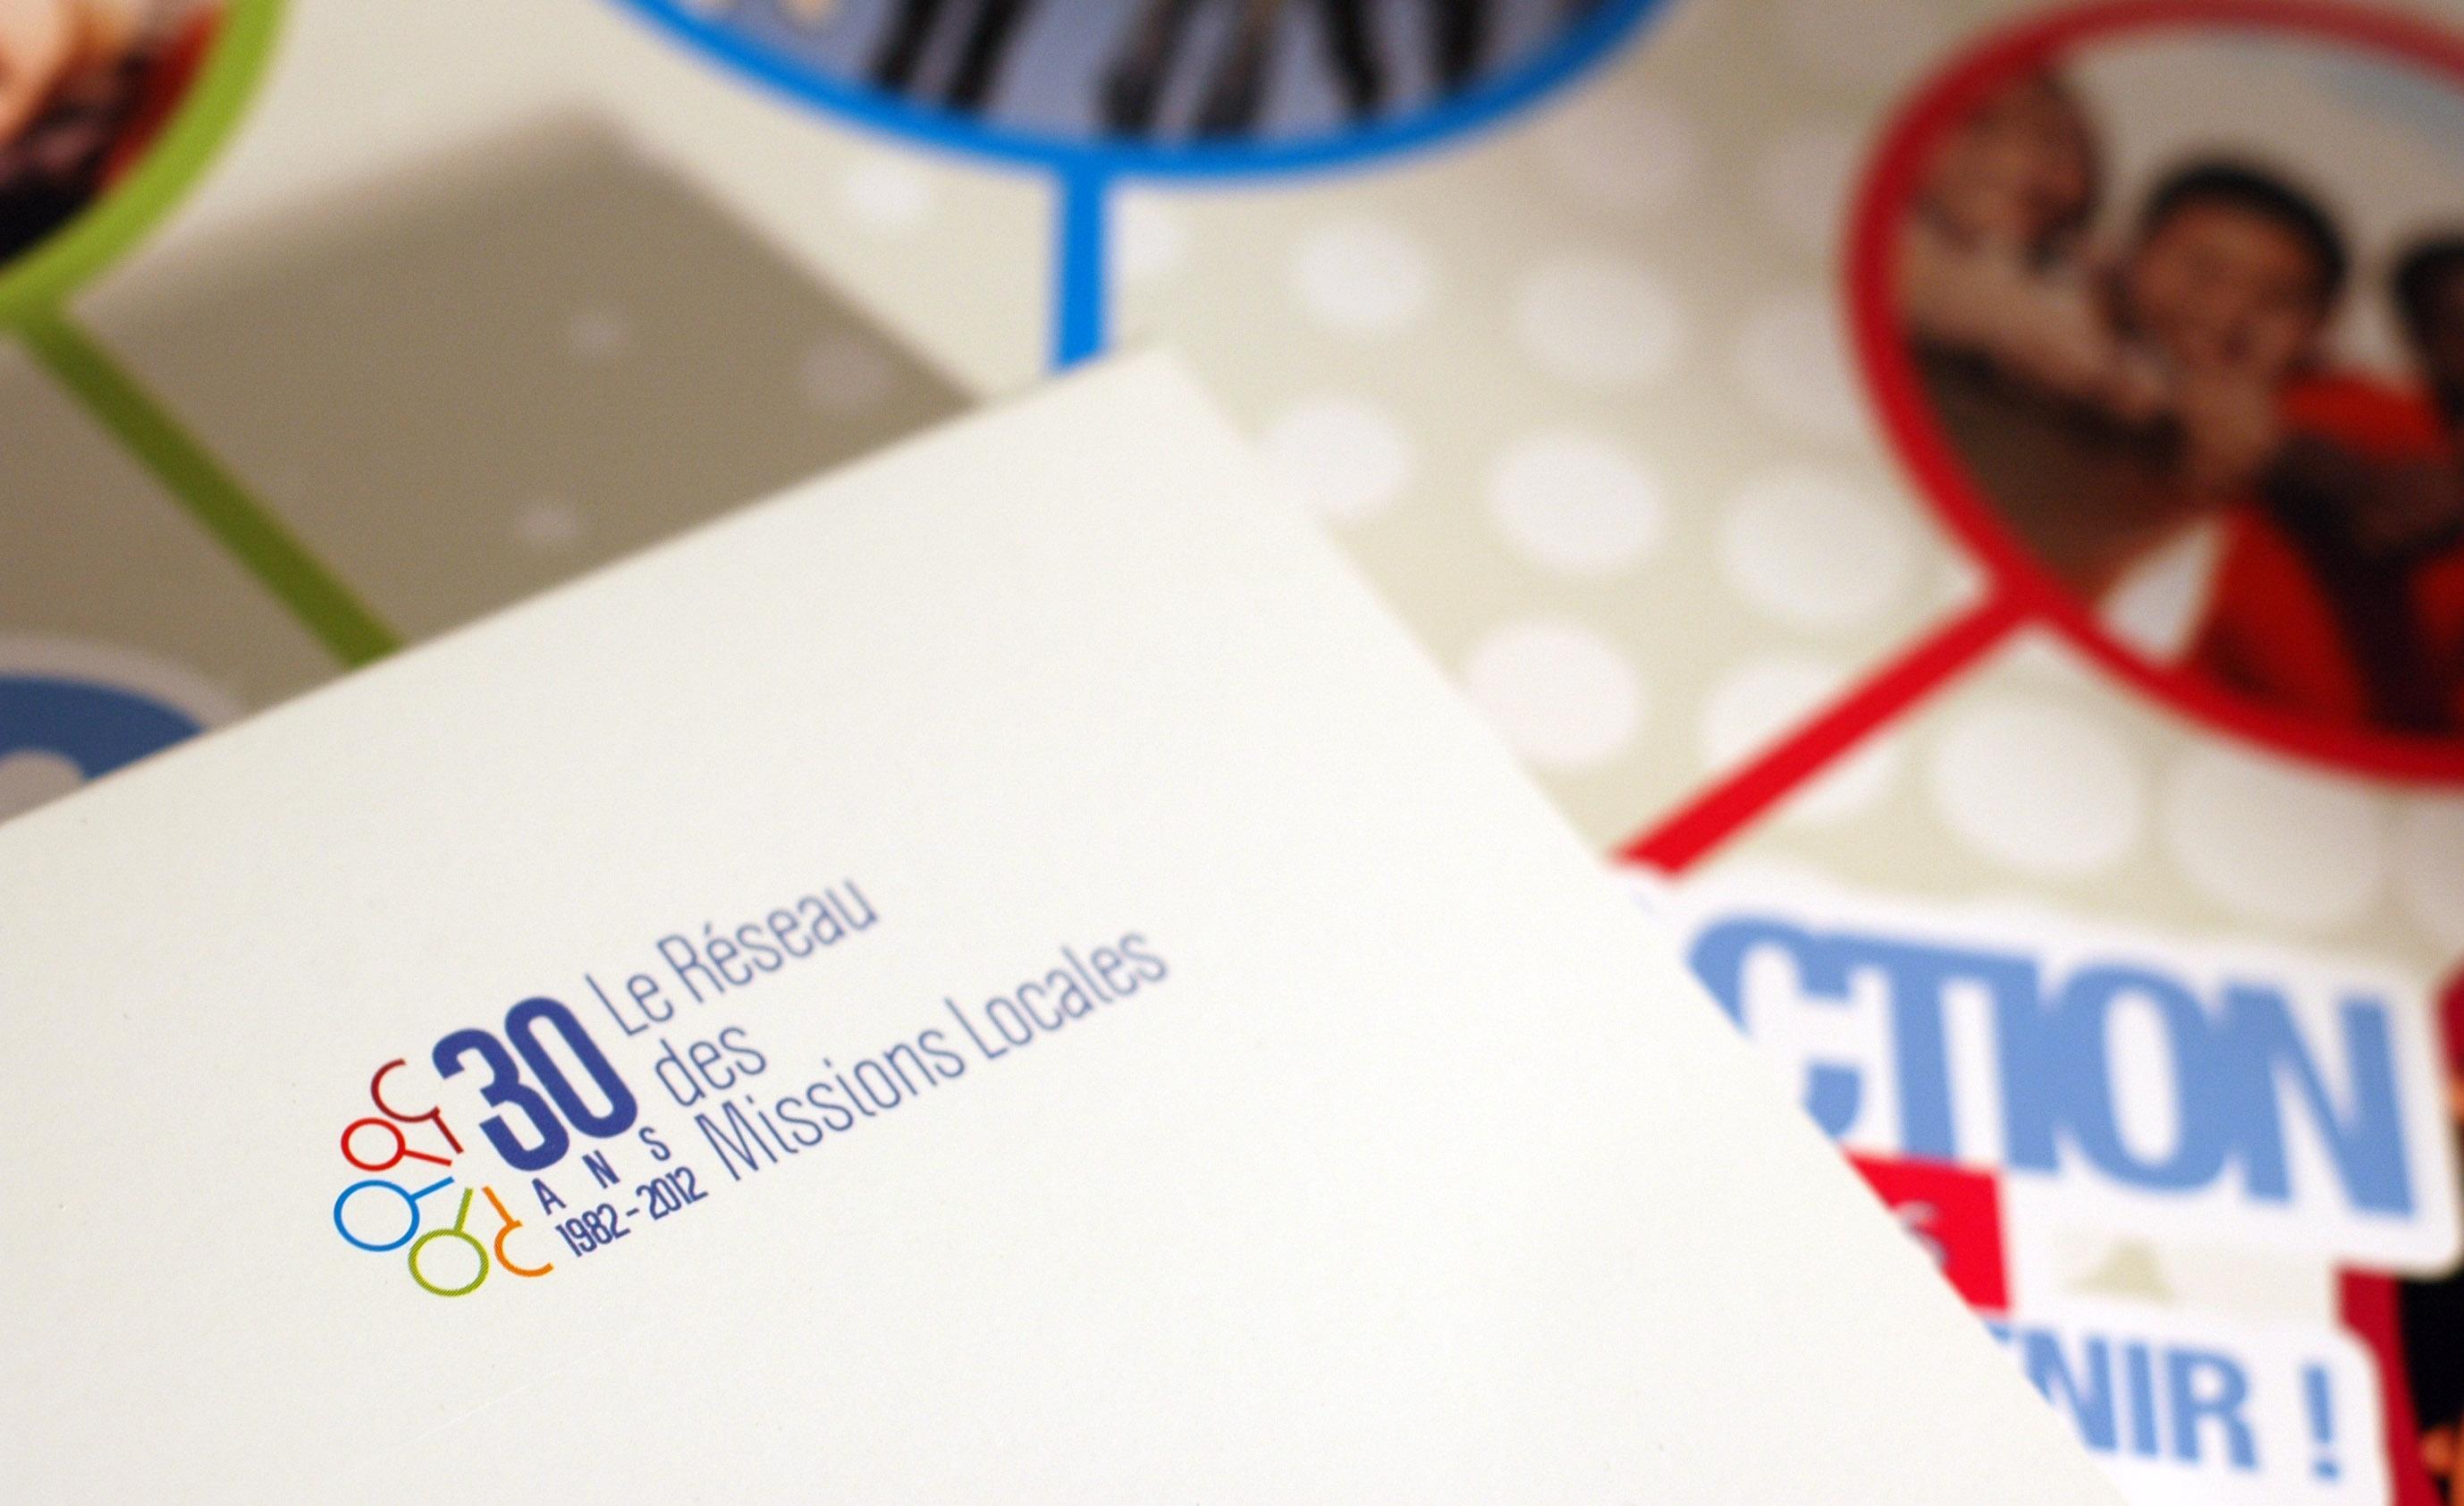 30 ans du réseau des Missions Locales Paris